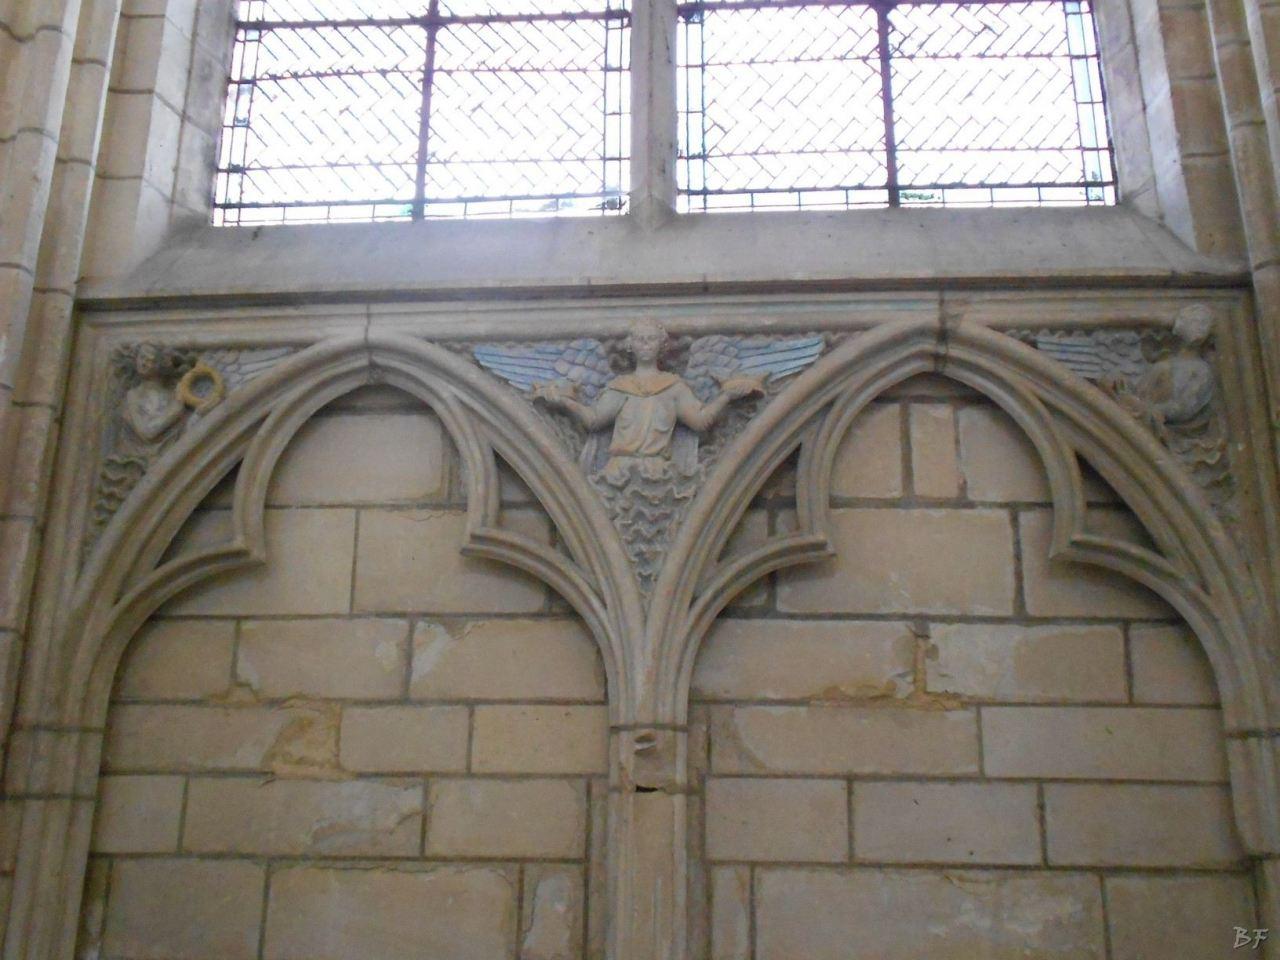 Cattedrale-Gotica-della-Vergine-di-Laon-Aisne-Hauts-de-France-24